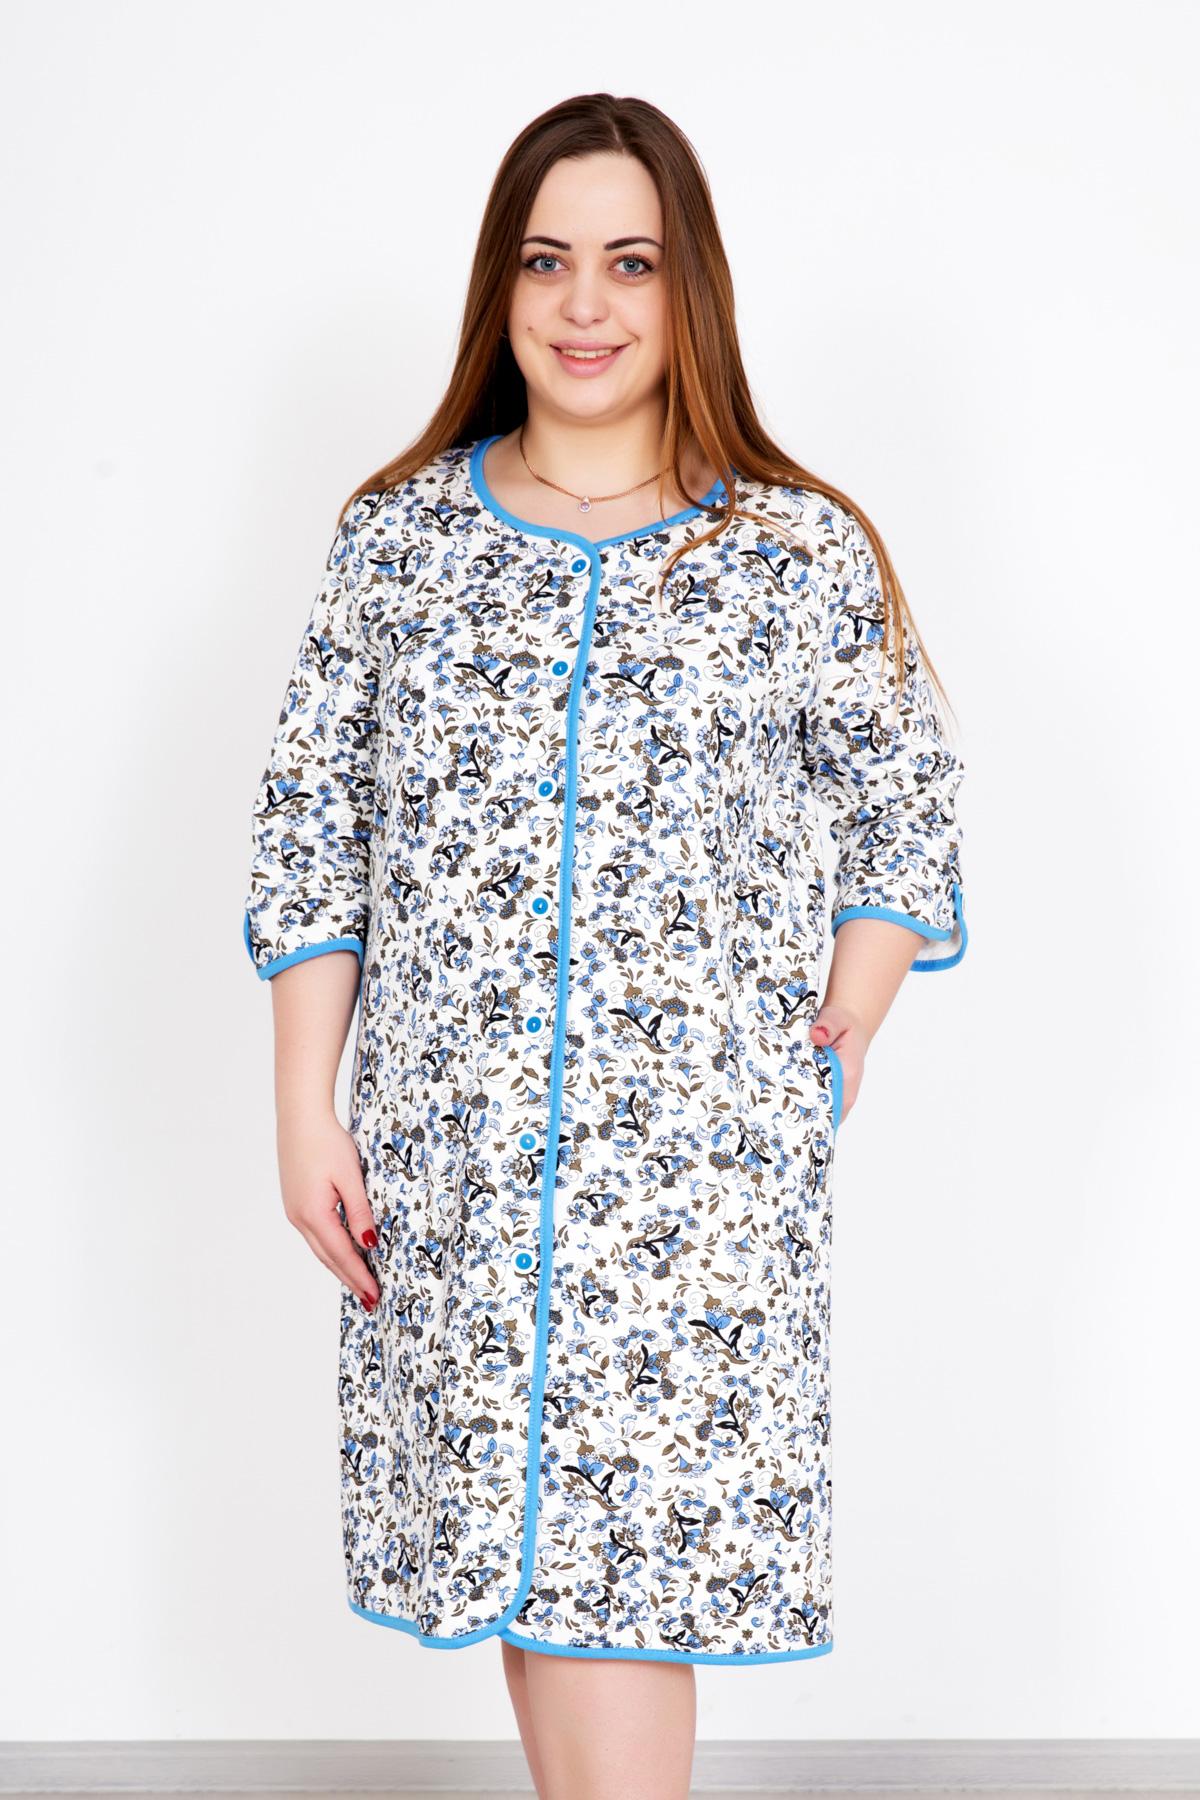 Жен. халат Виолетта Голубой р. 48Распродажа женской одежды<br>Обхват груди: 96 см <br>Обхват талии: 78 см <br>Обхват бедер: 104 см <br>Длина по спинке: 98 см <br>Рост: 167 см<br><br>Тип: Жен. халат<br>Размер: 48<br>Материал: Капитоний